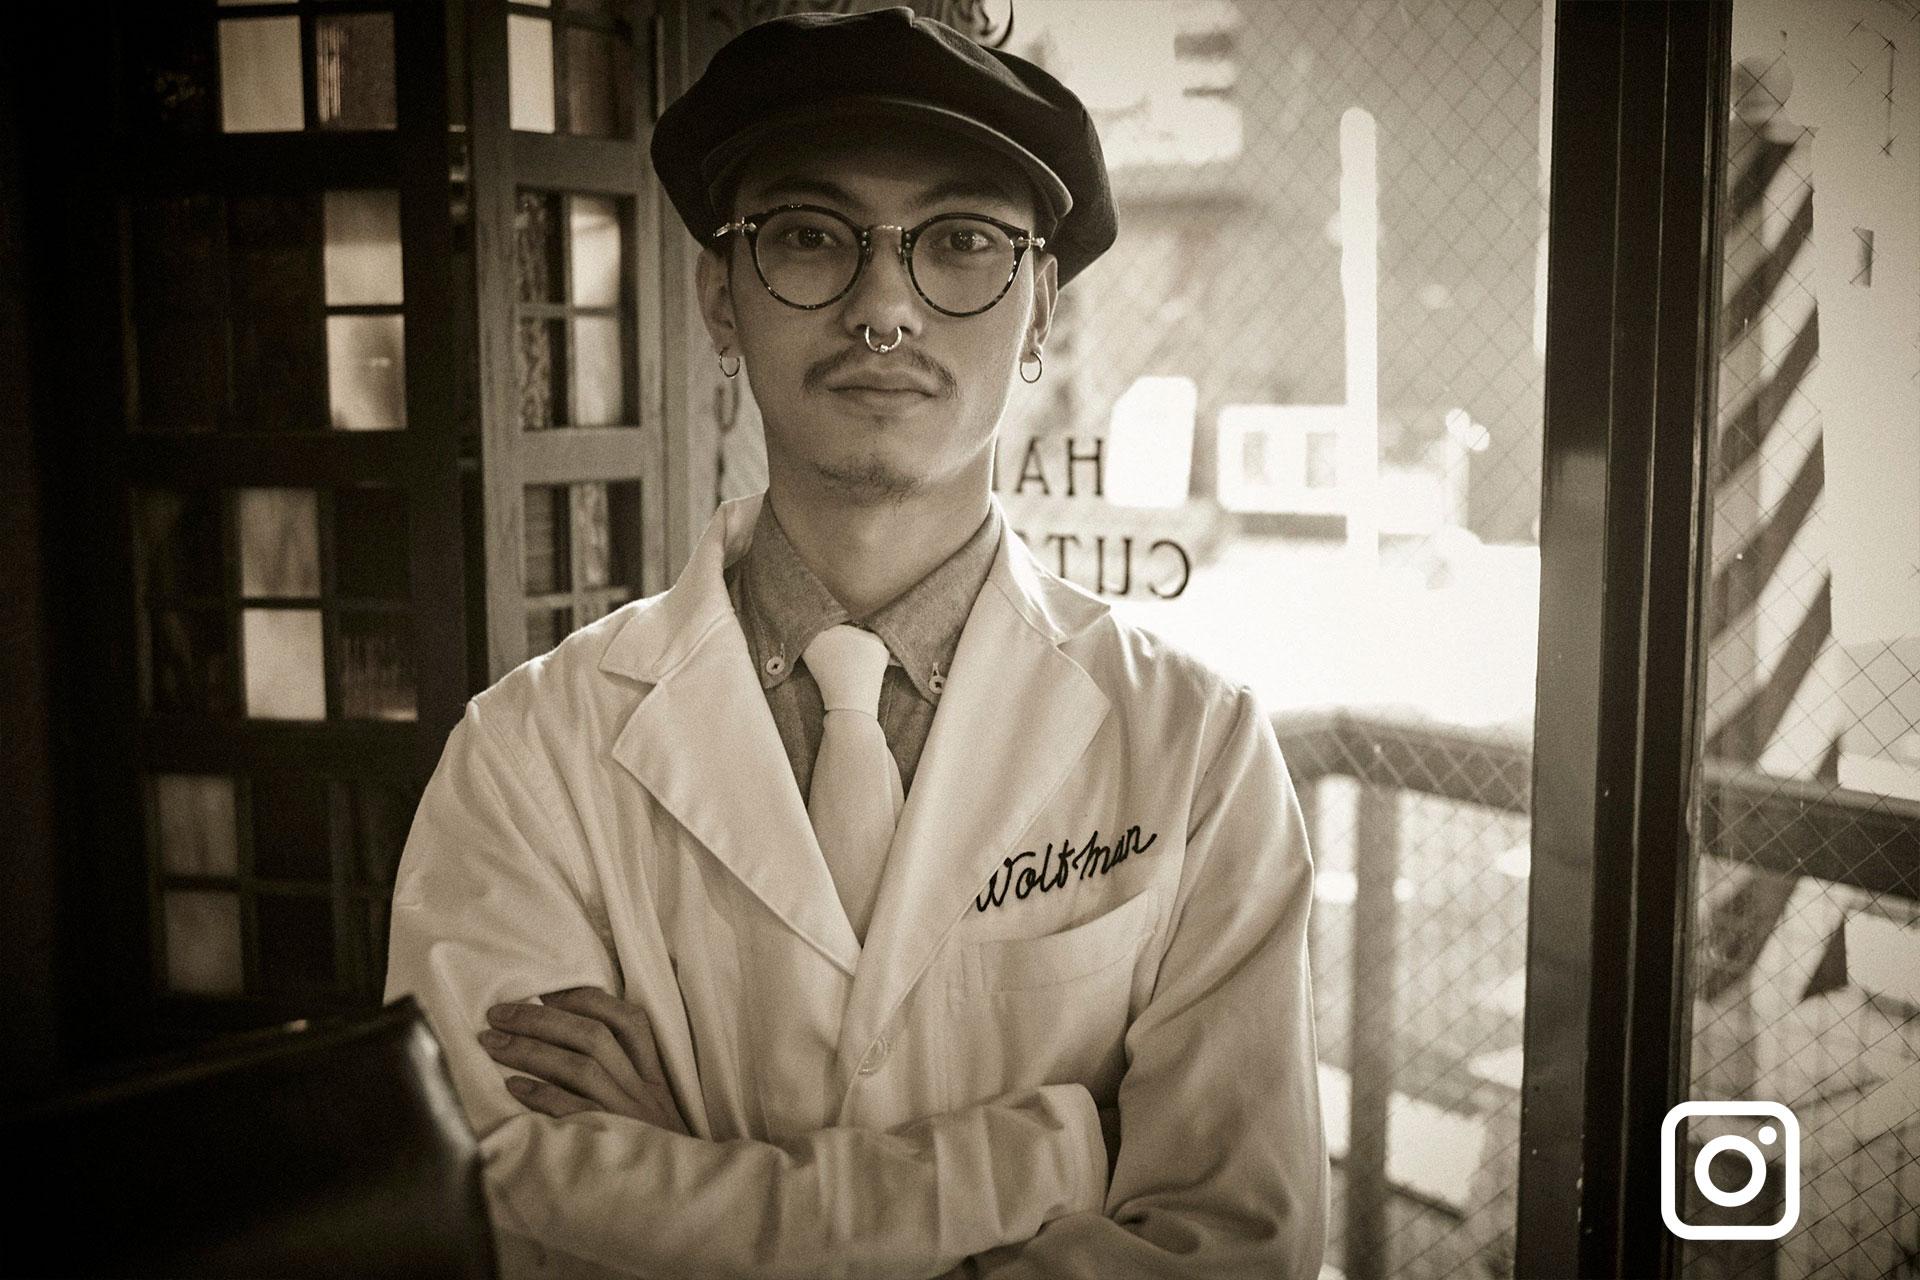 Kazuki Uchiyama